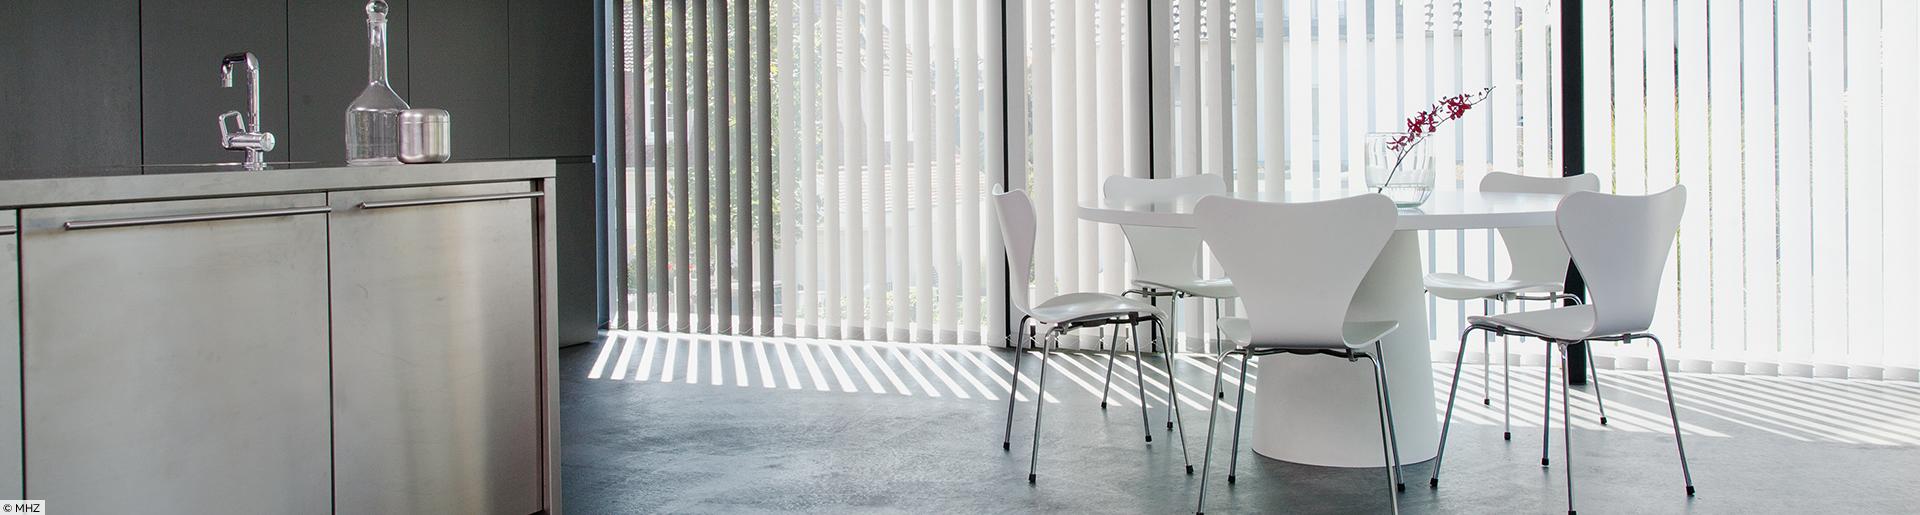 vorh nge m ller freudenstadt vertikal lamellenvorhang nach ma nagold calw baiersbronn. Black Bedroom Furniture Sets. Home Design Ideas